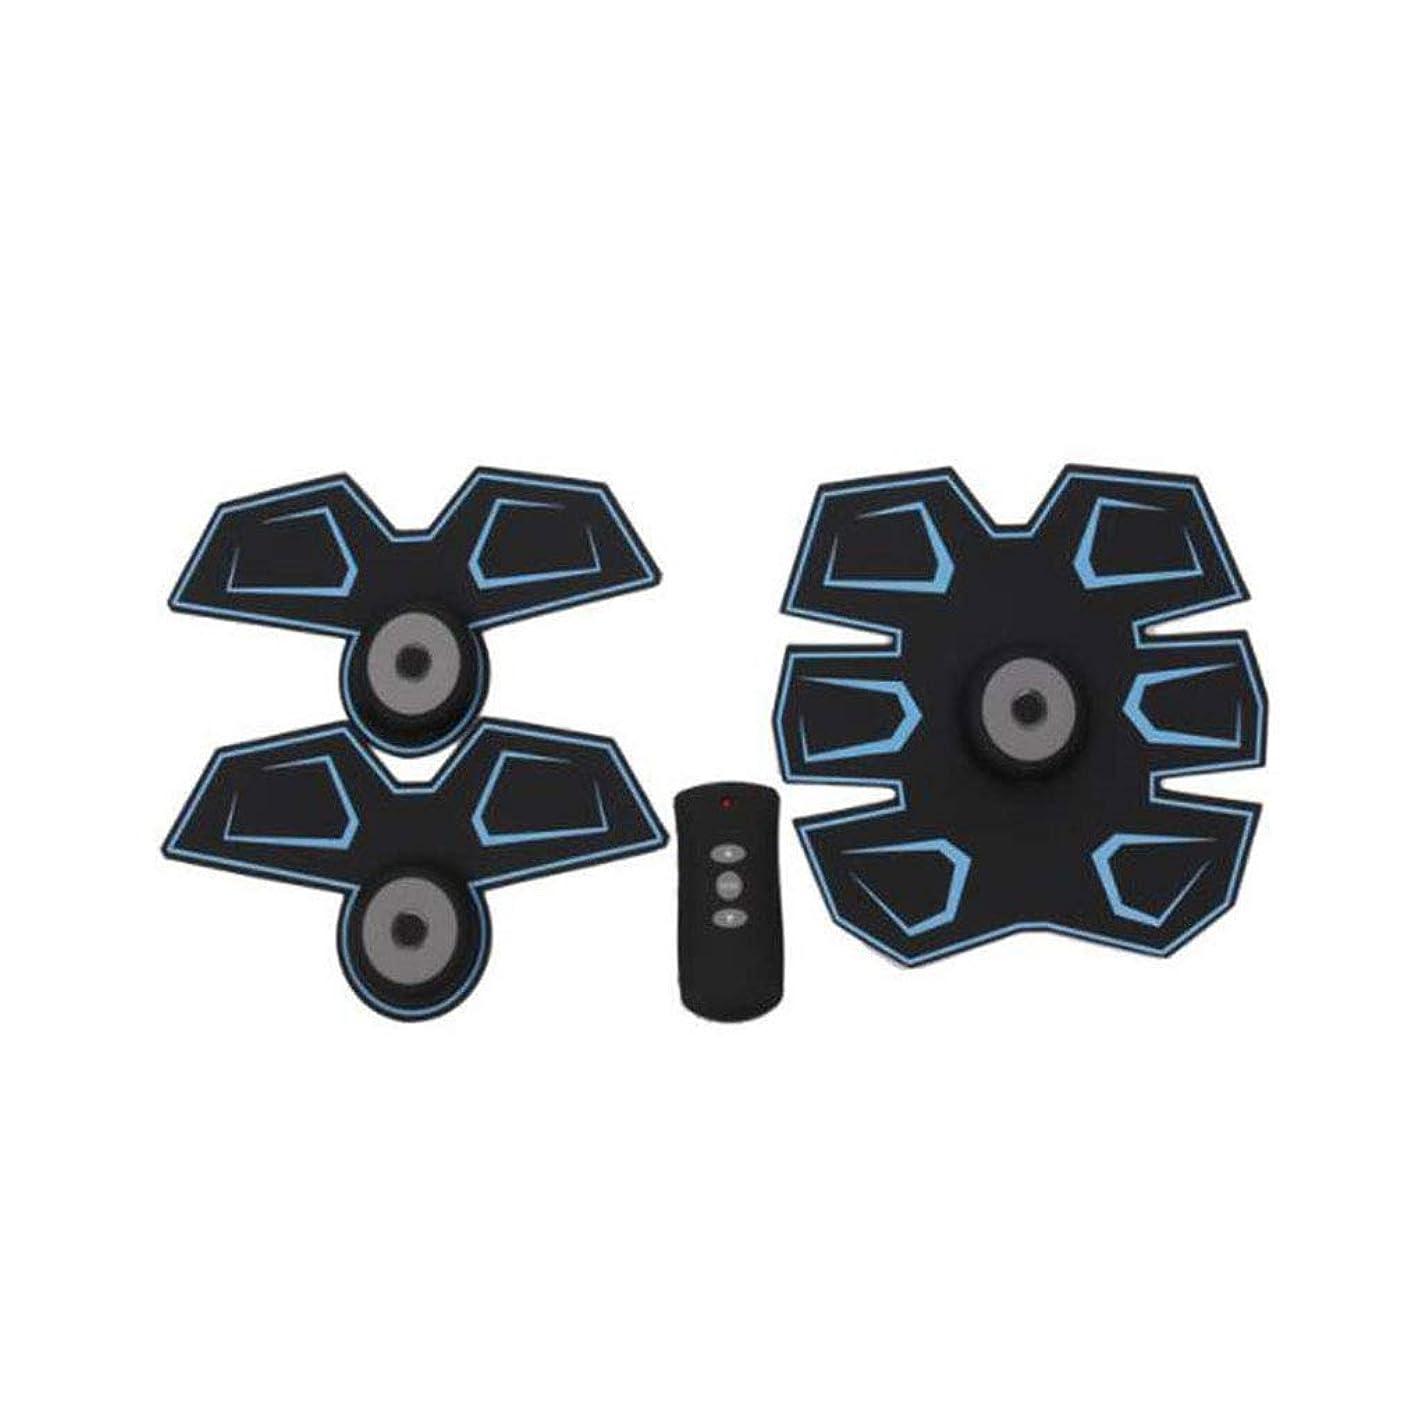 薄いですモルヒネ重要なGWM 腹部マッサージャー筋肉フィットネス装置、腹部電気刺激装置EMS腹部トレーナー、ワイヤレス電子フィットネスマッサージャーセット腹部腕脚ユニセックス(青)